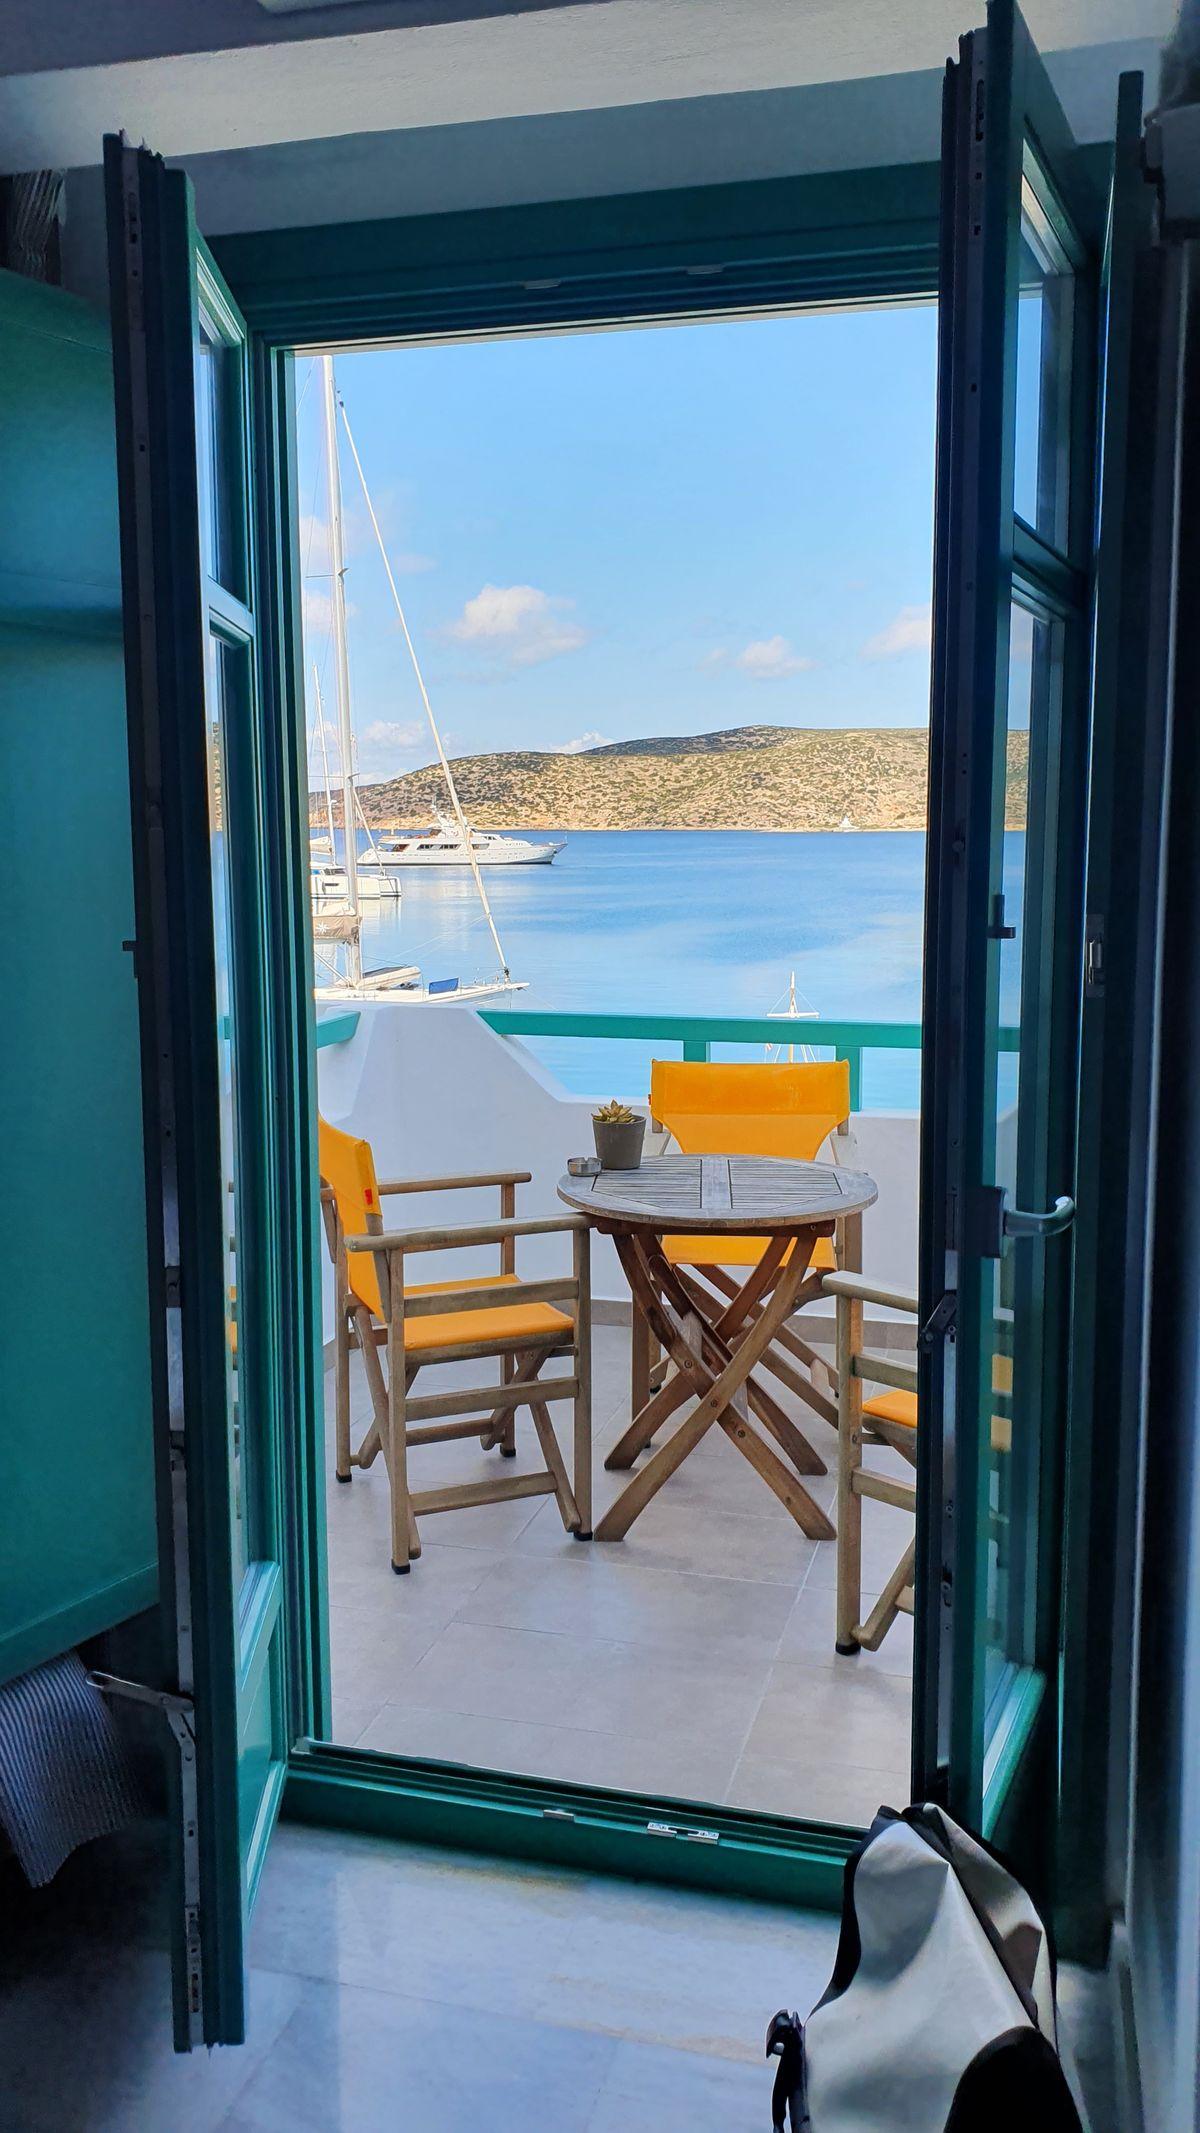 Amorgos - Katapola - Blick auf den Hafen